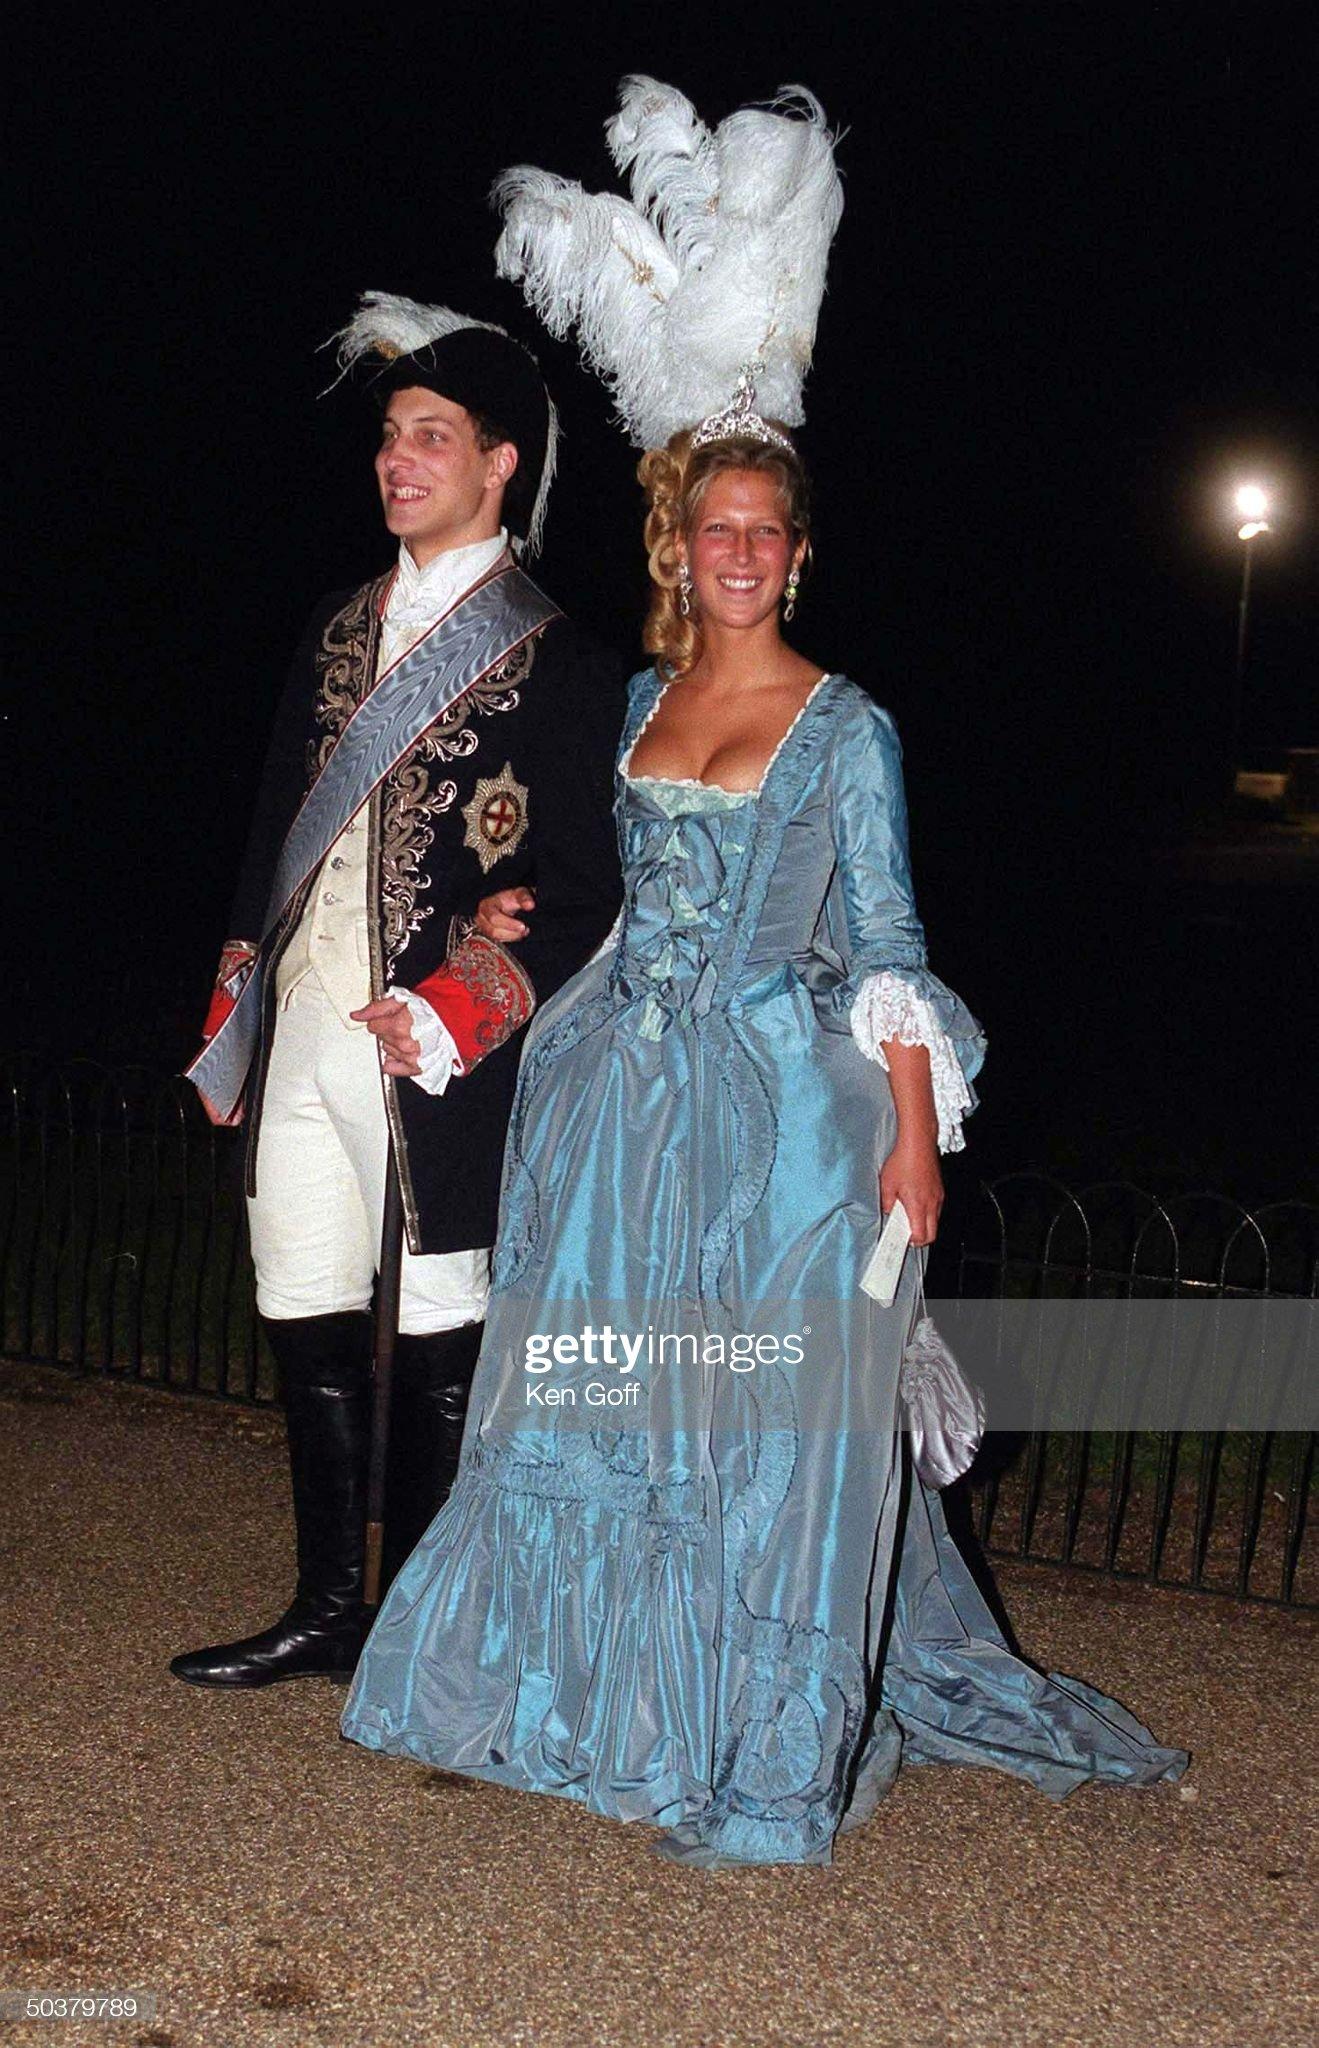 Frederick Windsor Kent [RF: England RF];Gabriella Windsor Kent [RF: England RF] : News Photo